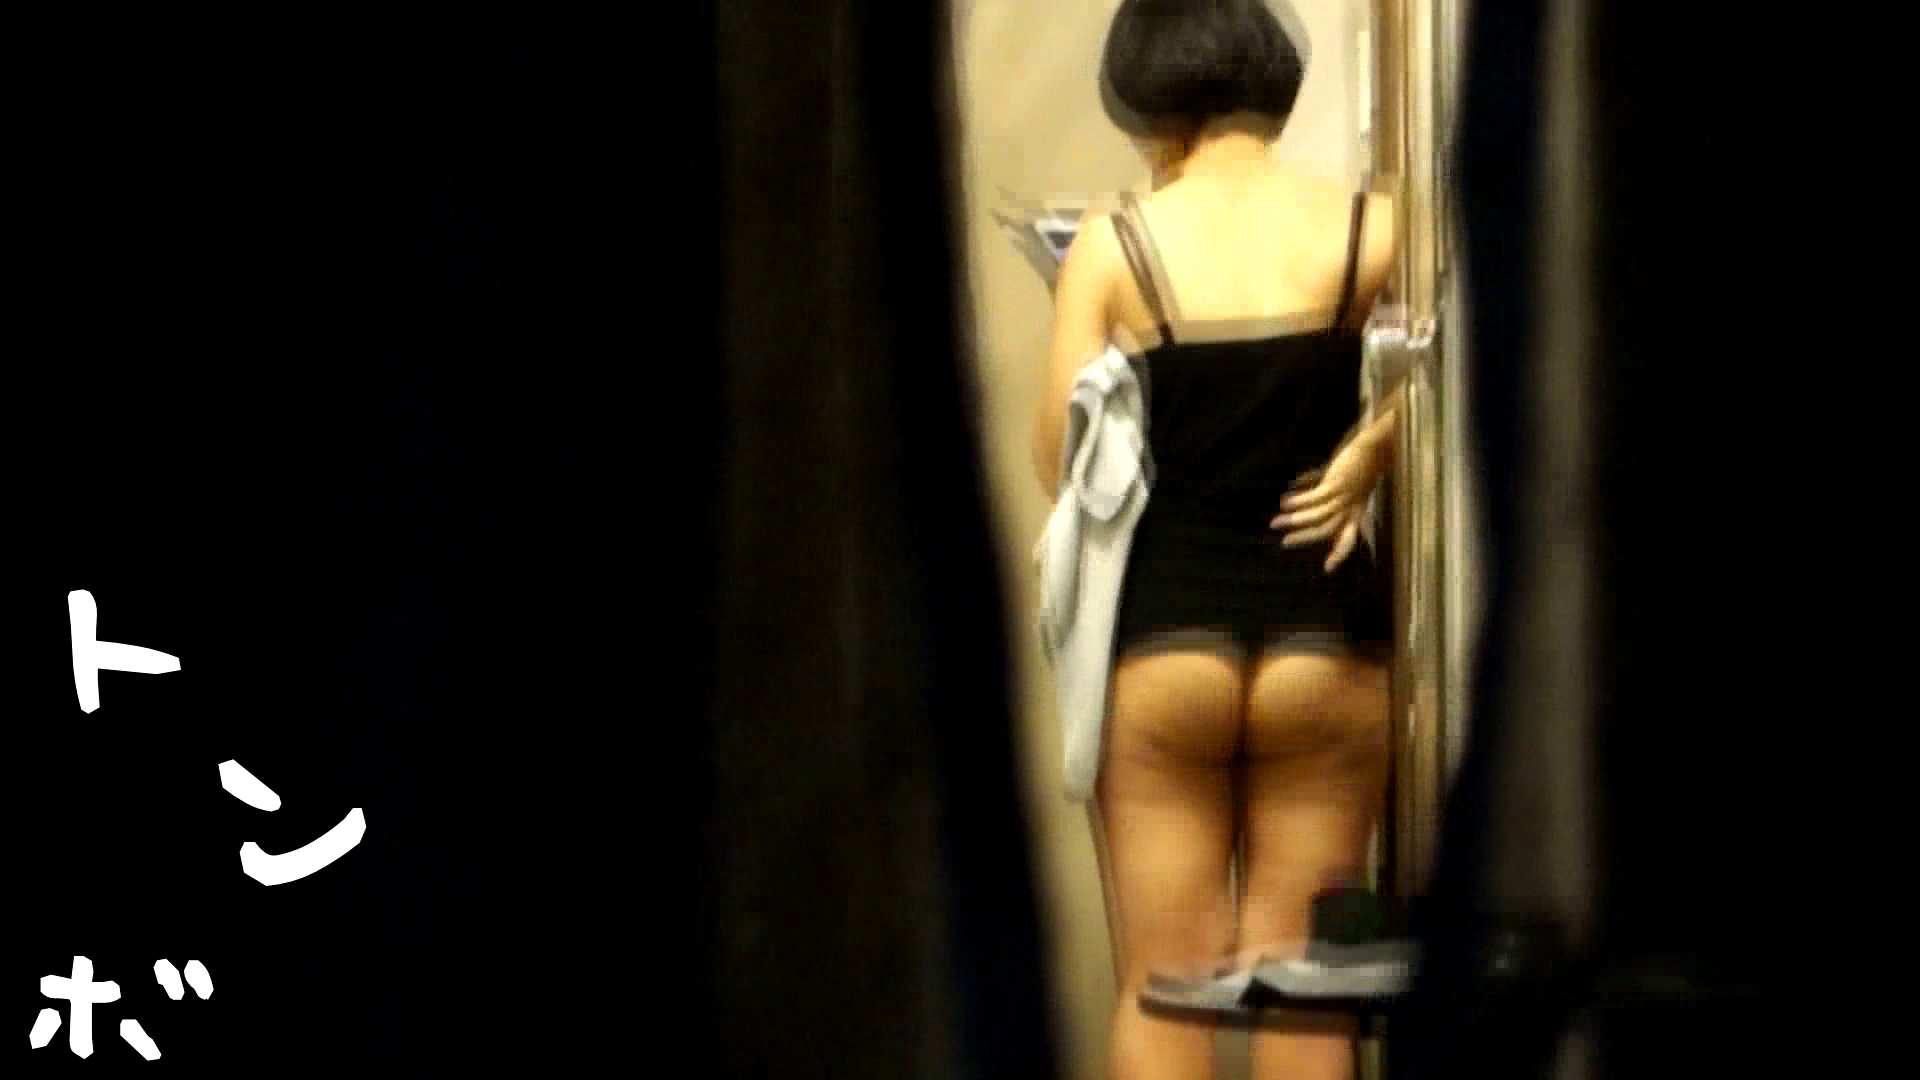 リアル盗撮 本上まなみまなみ似 アパレル店員の私生活 美女  82画像 66